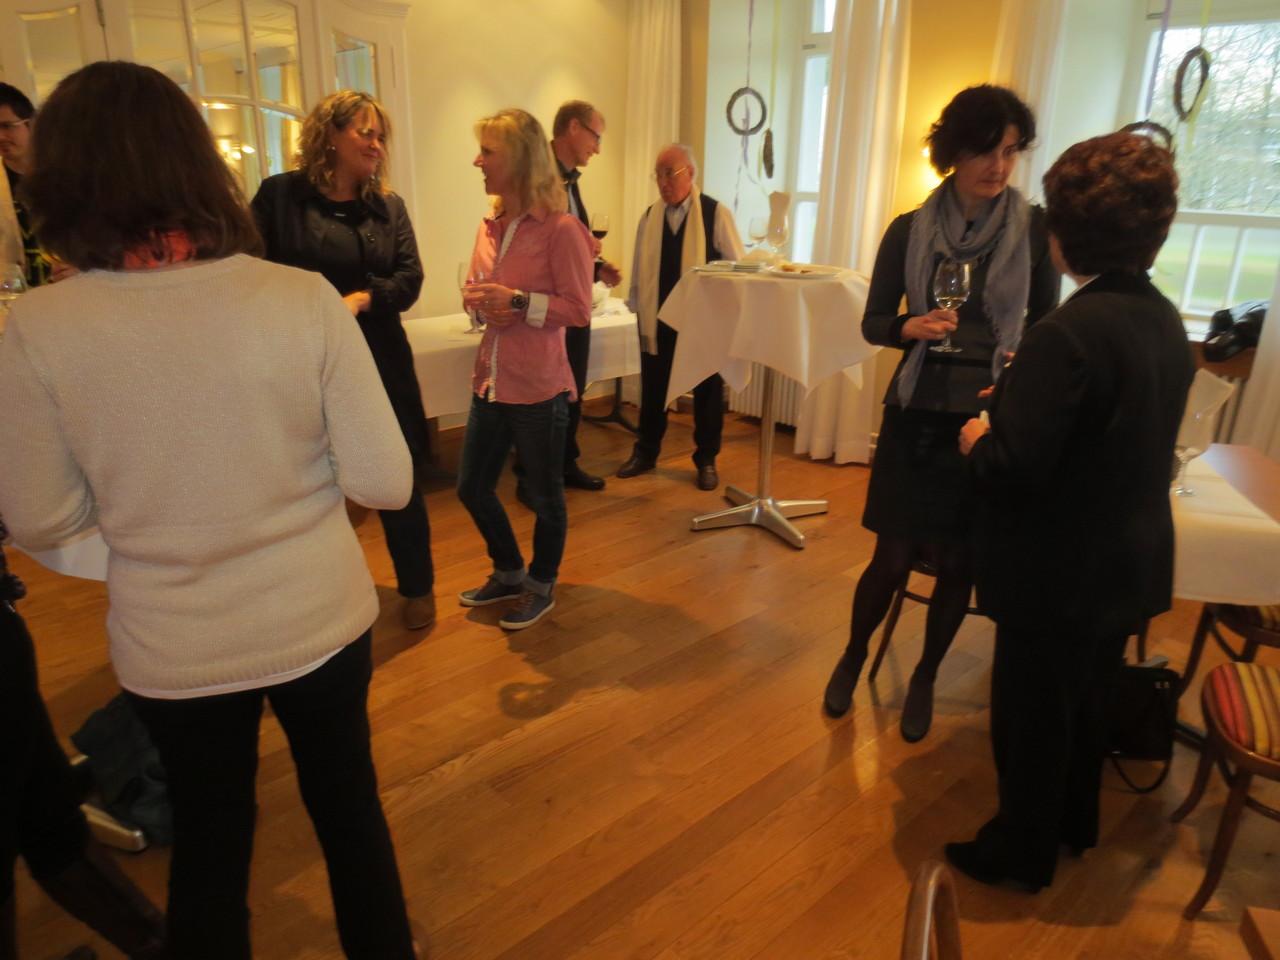 Fröhliche Runde und fachlicher Austausch nach dem offiziellen Teil bei einem Gläschen Wein und gluschtigen Häppchen